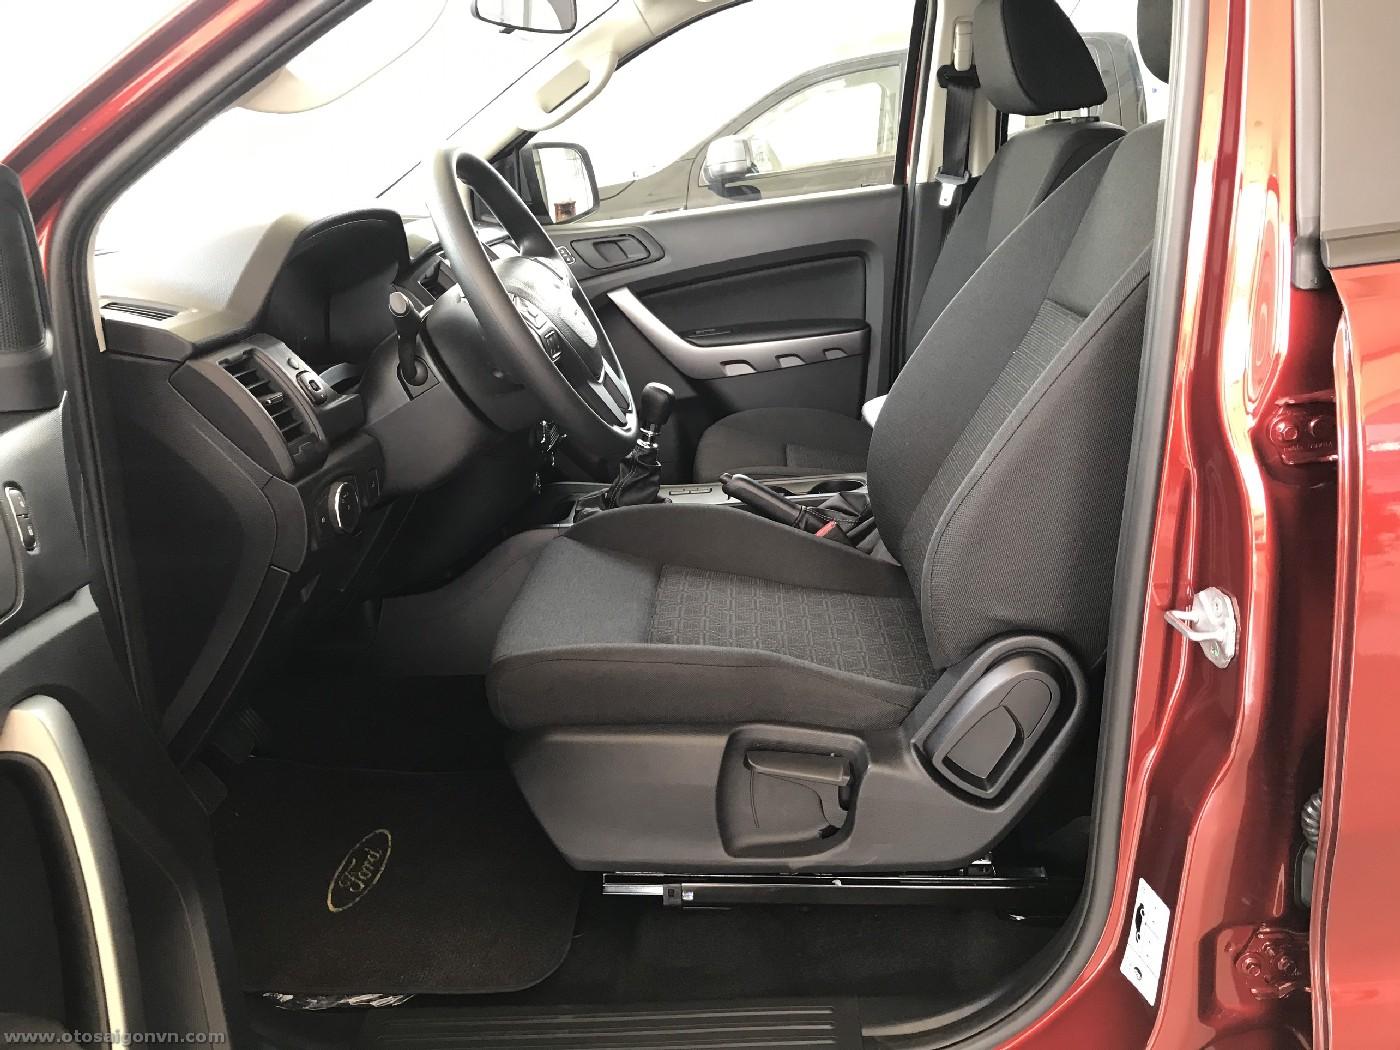 Ford Ranger XLS 2.2L 4x2 AT 2021 1 cầu số tự động mới giao ngay. 19